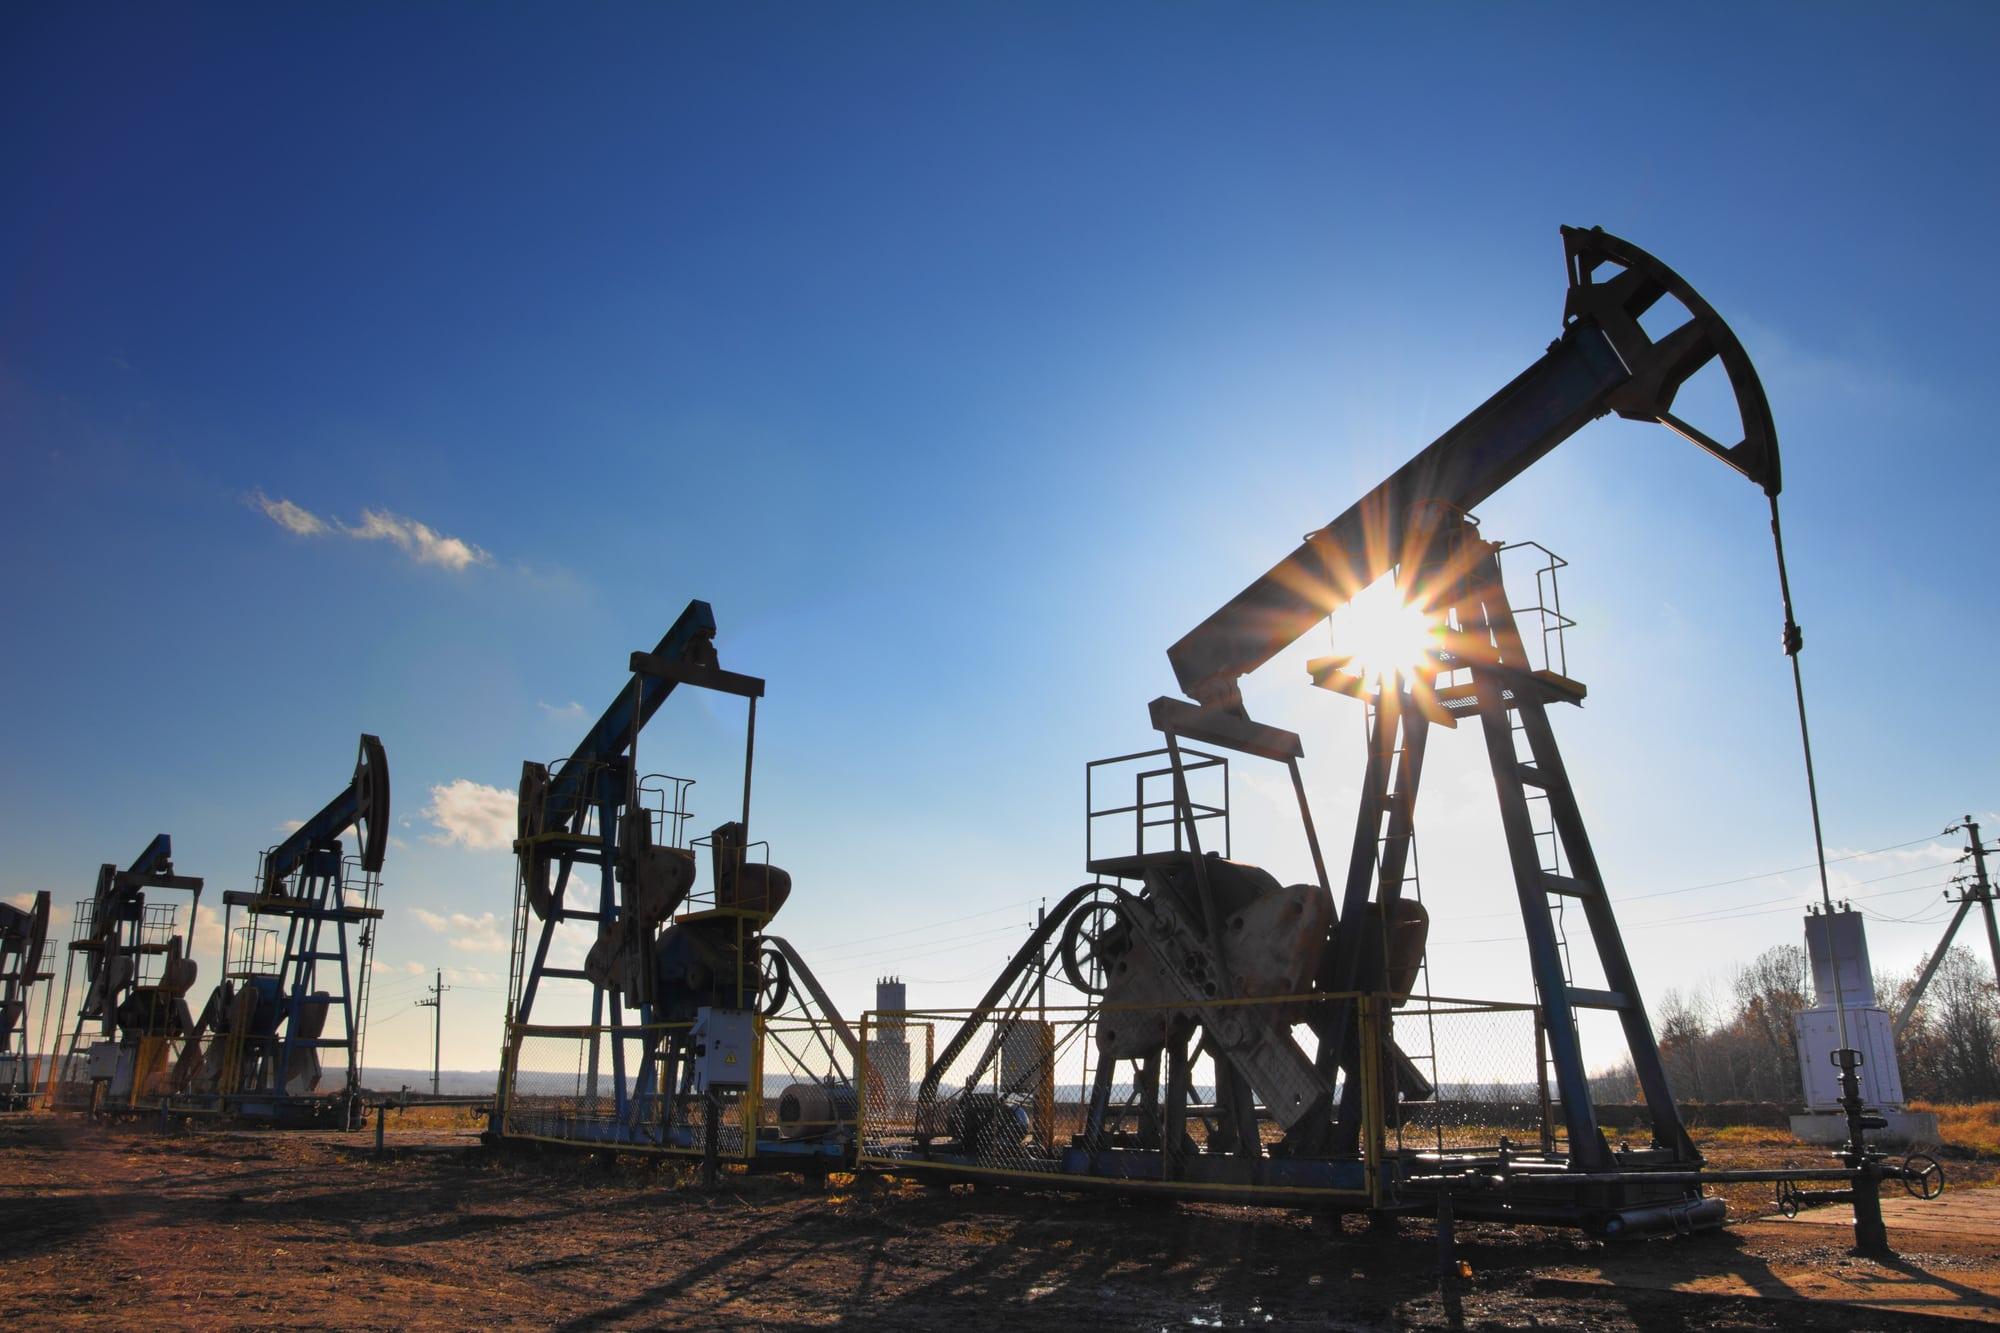 Cena ropy naftowej kontynuuje zwyżkę